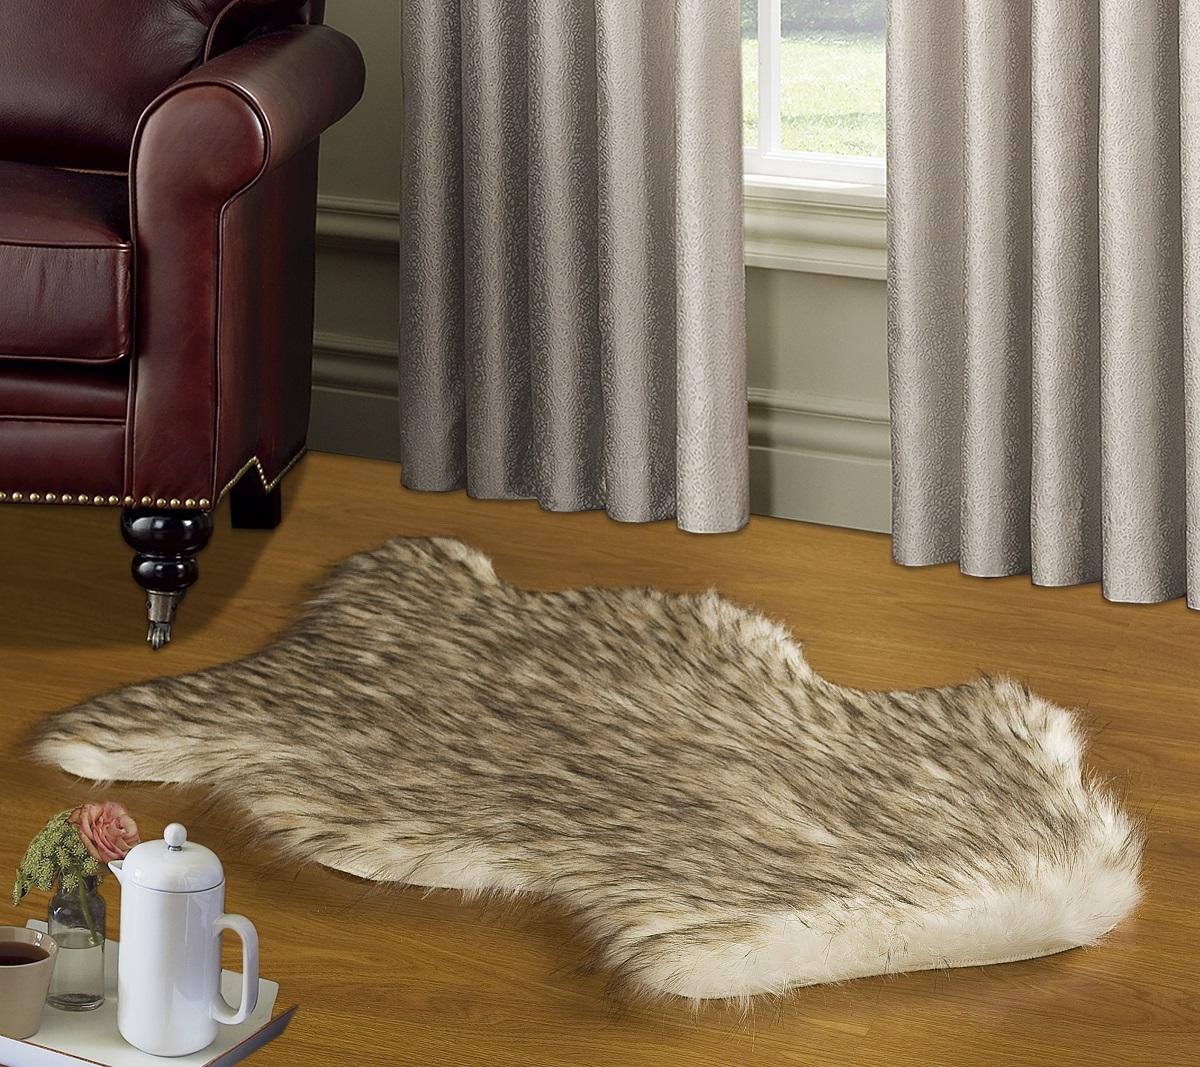 Коврик Modalin Manal, цвет: бежевый, 50 х 90 смTHN132NКоврик Modalin Manal выполнен из искусственного меха. Изделие долго прослужит в вашем доме, добавляя тепло и уют, а также внесет неповторимый колорит в интерьер.